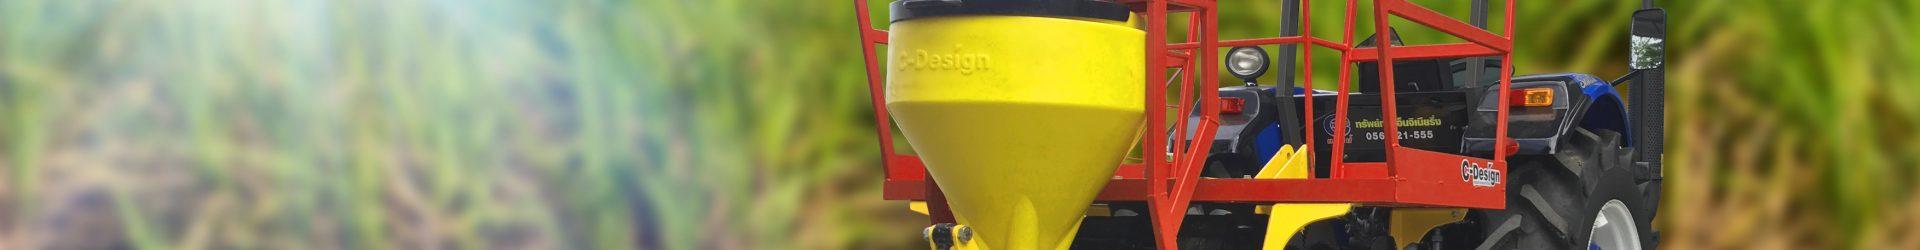 หุ่นยนต์ปลูกอ้อย C-Design